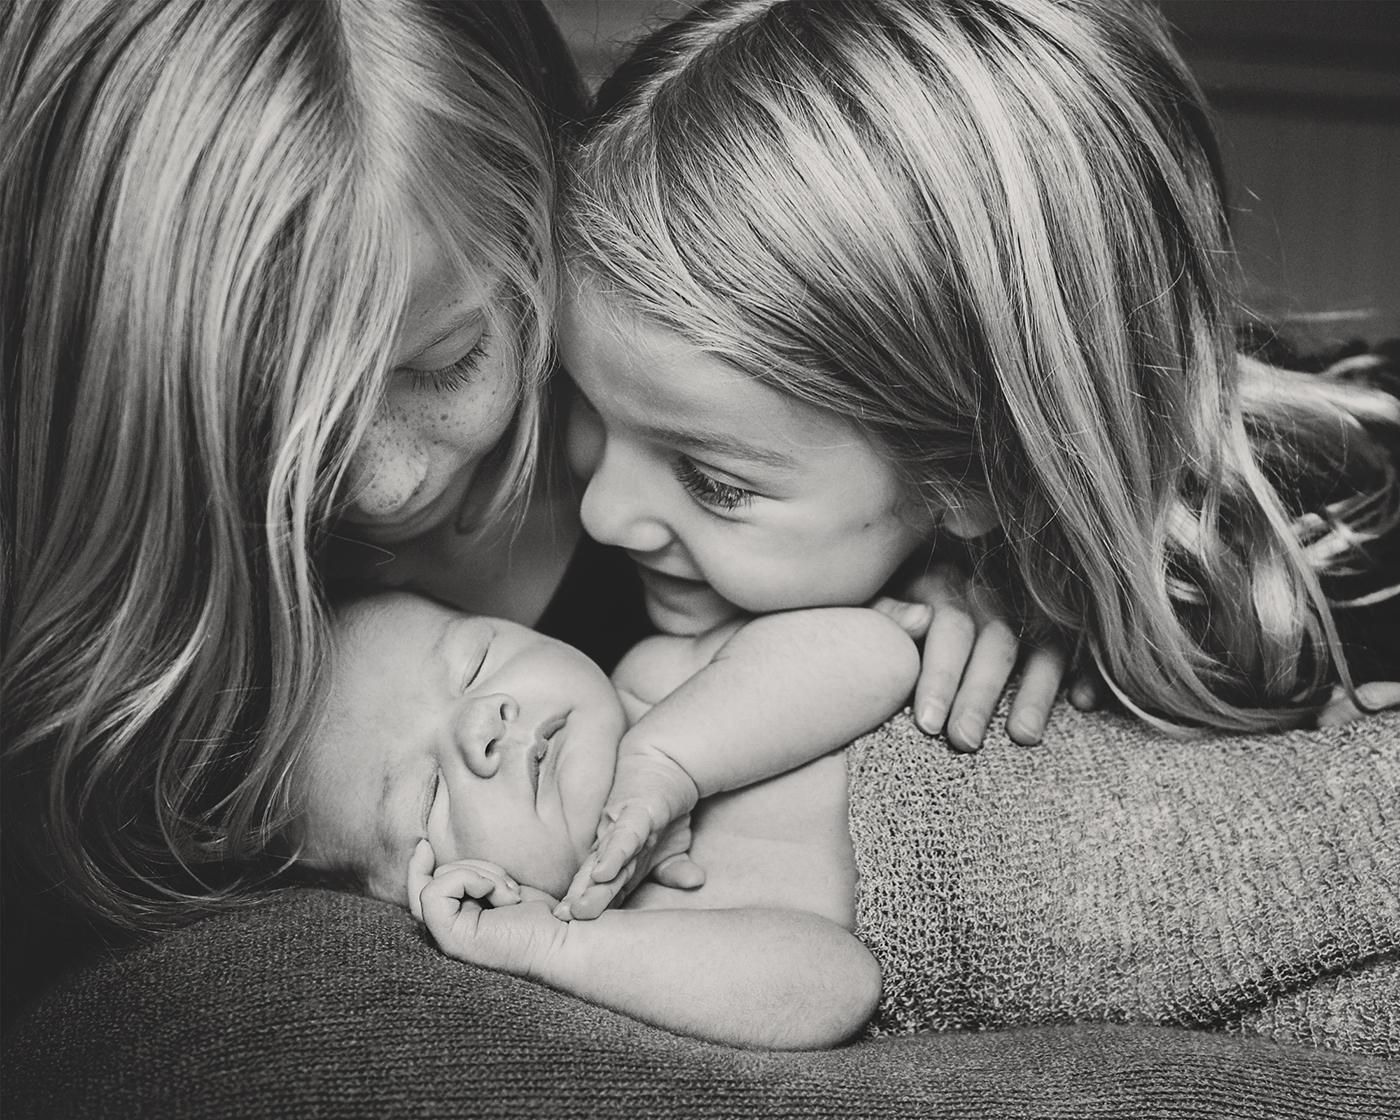 Baby - Siblings 8x10